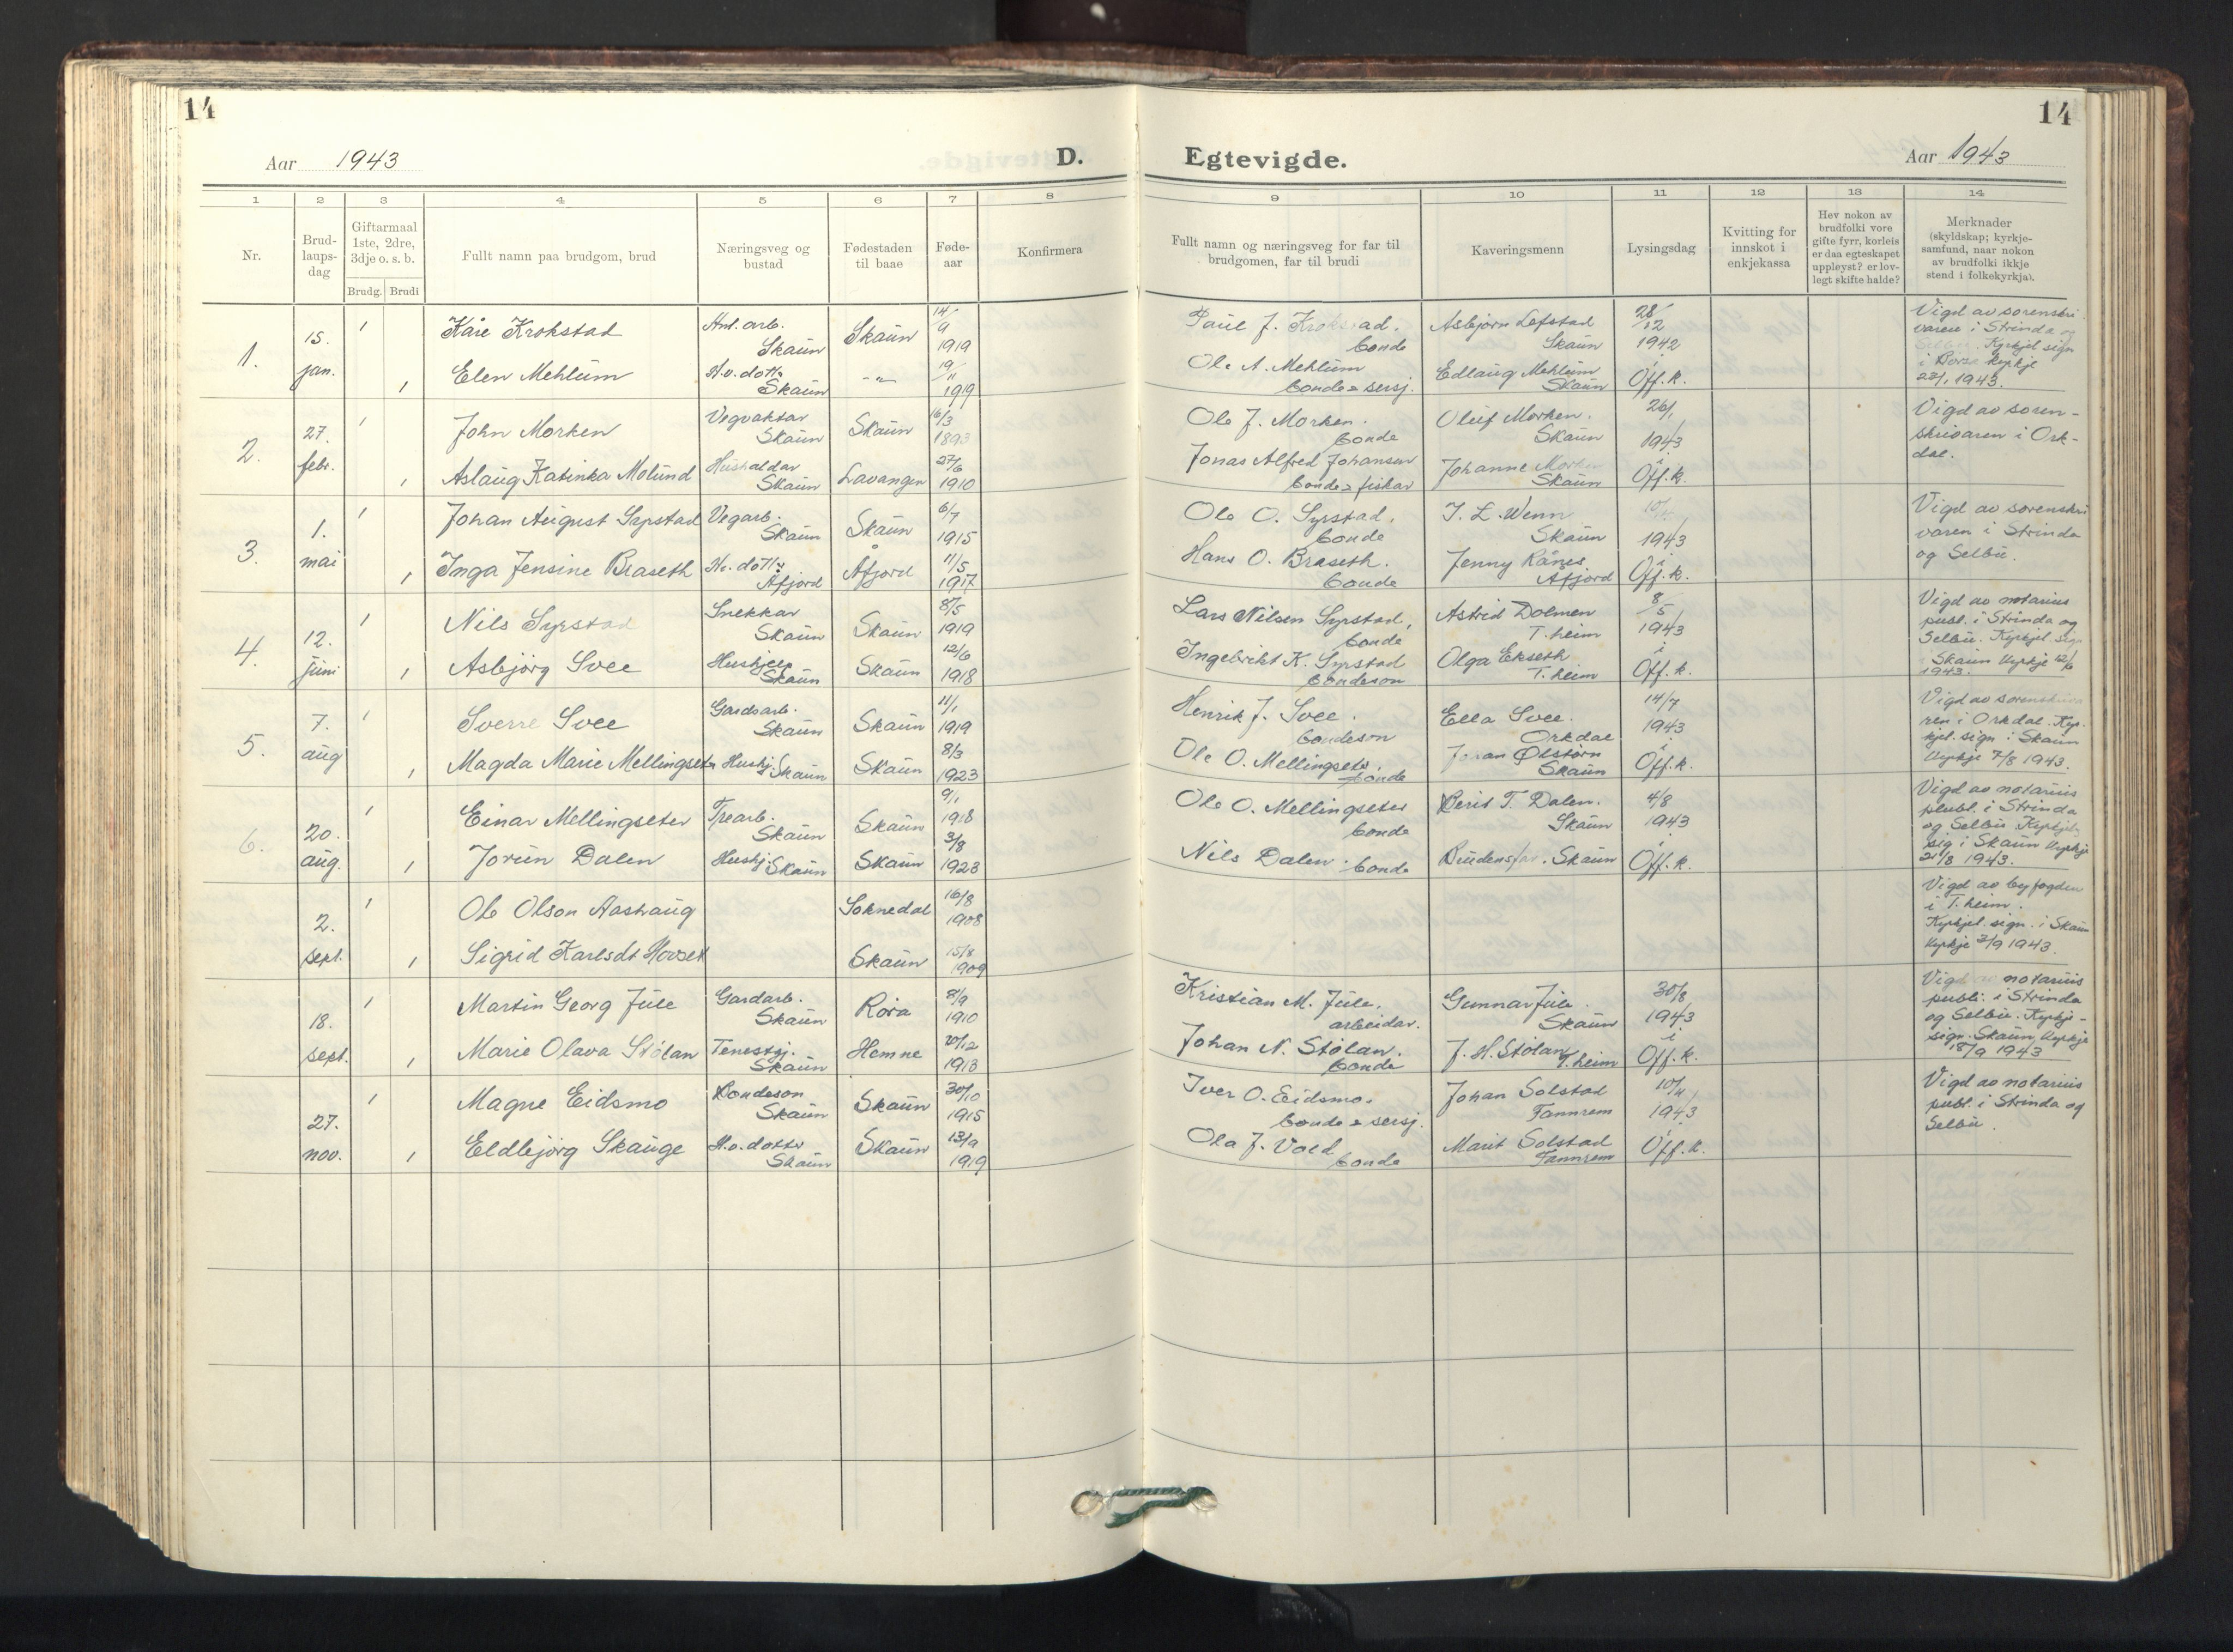 SAT, Ministerialprotokoller, klokkerbøker og fødselsregistre - Sør-Trøndelag, 667/L0799: Klokkerbok nr. 667C04, 1929-1950, s. 14